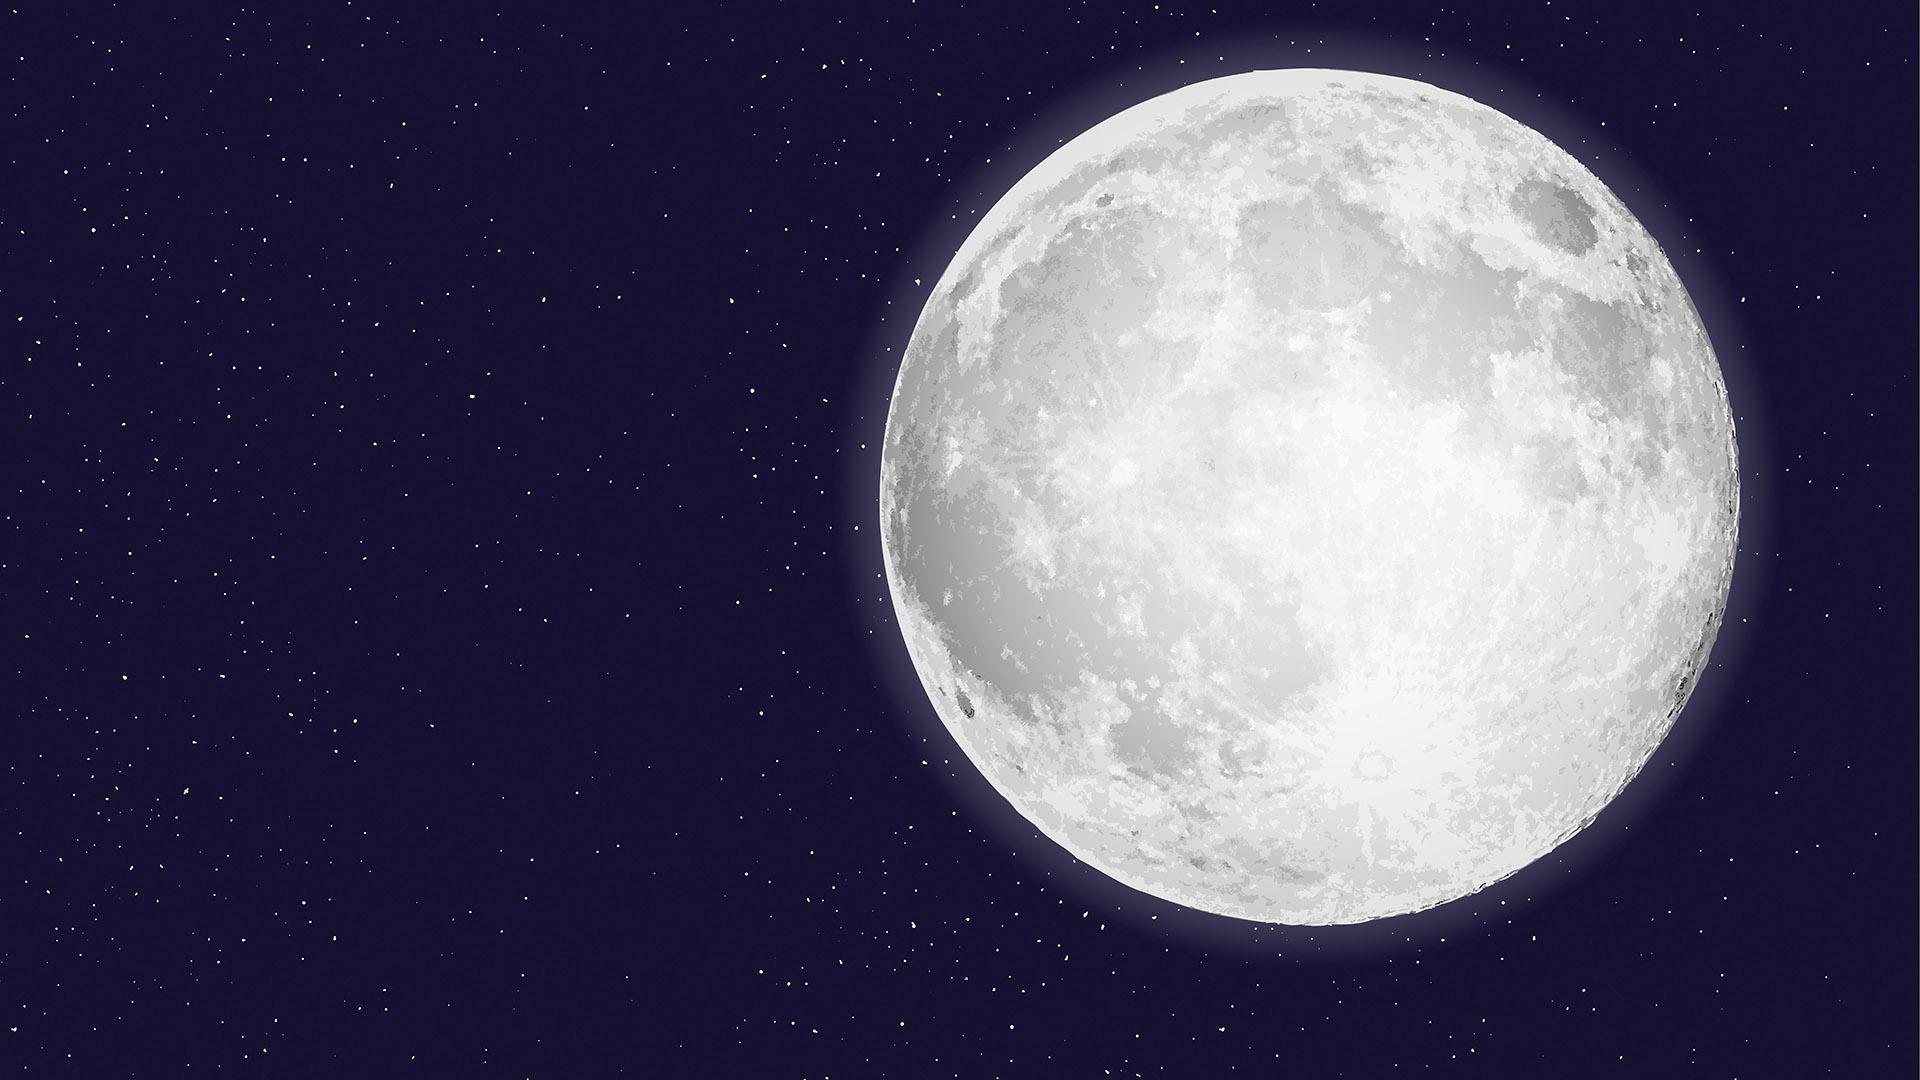 anyaság bűncselekmény energia ezotéria gyógyító rituálék hold holdkalendárium holdnaptár holdtölte kiáradás bolygója köpölyözés lélekgyógyász melitta nőiesség telihold újhold ványik dóra varázslatok